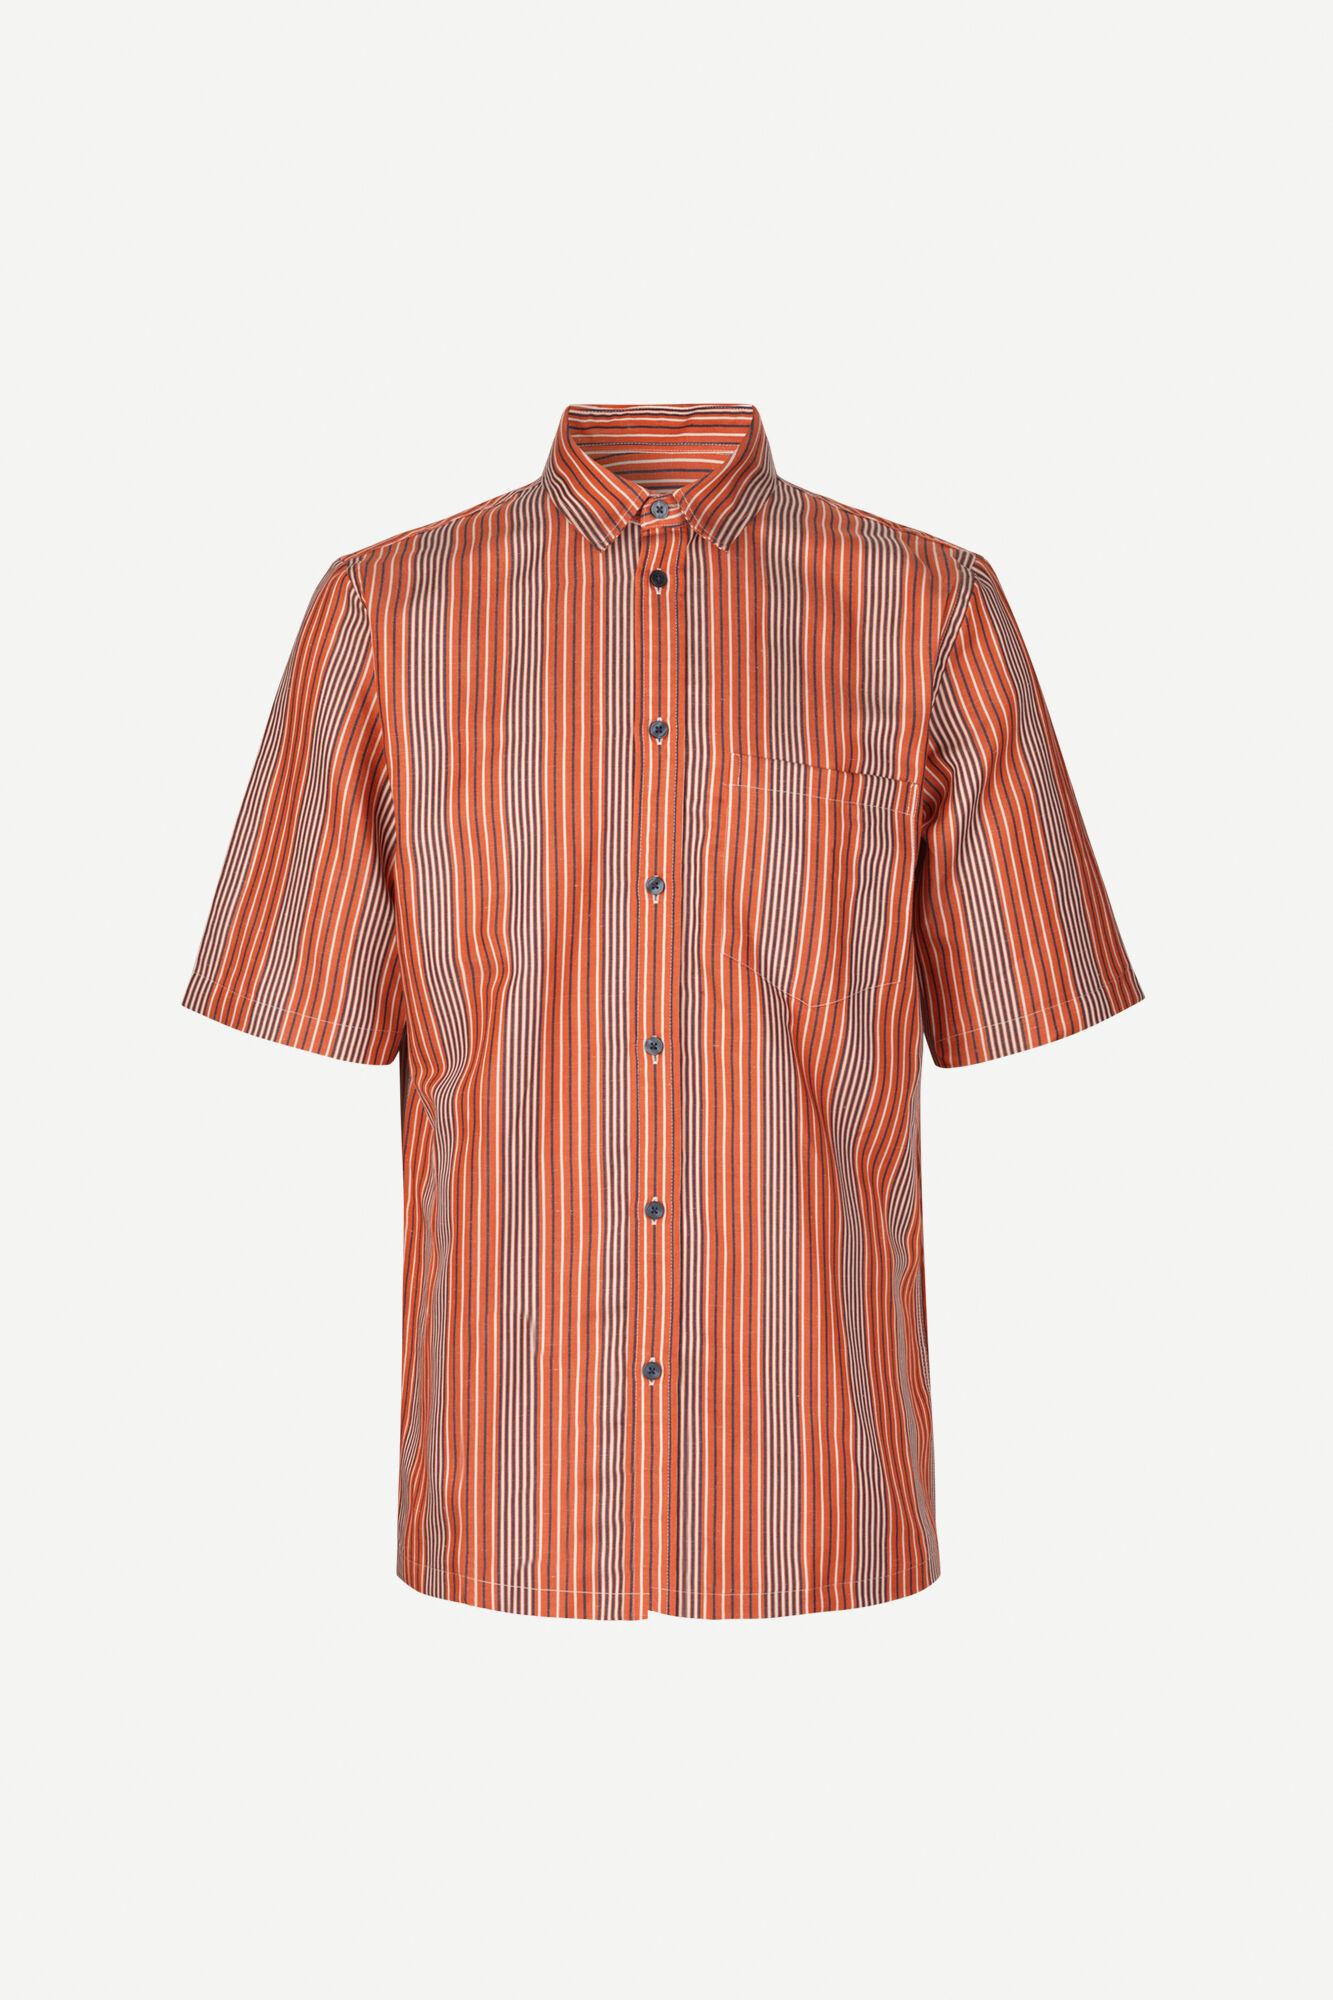 Taro NP shirt 11526, GOLDEN OCHRE ST.